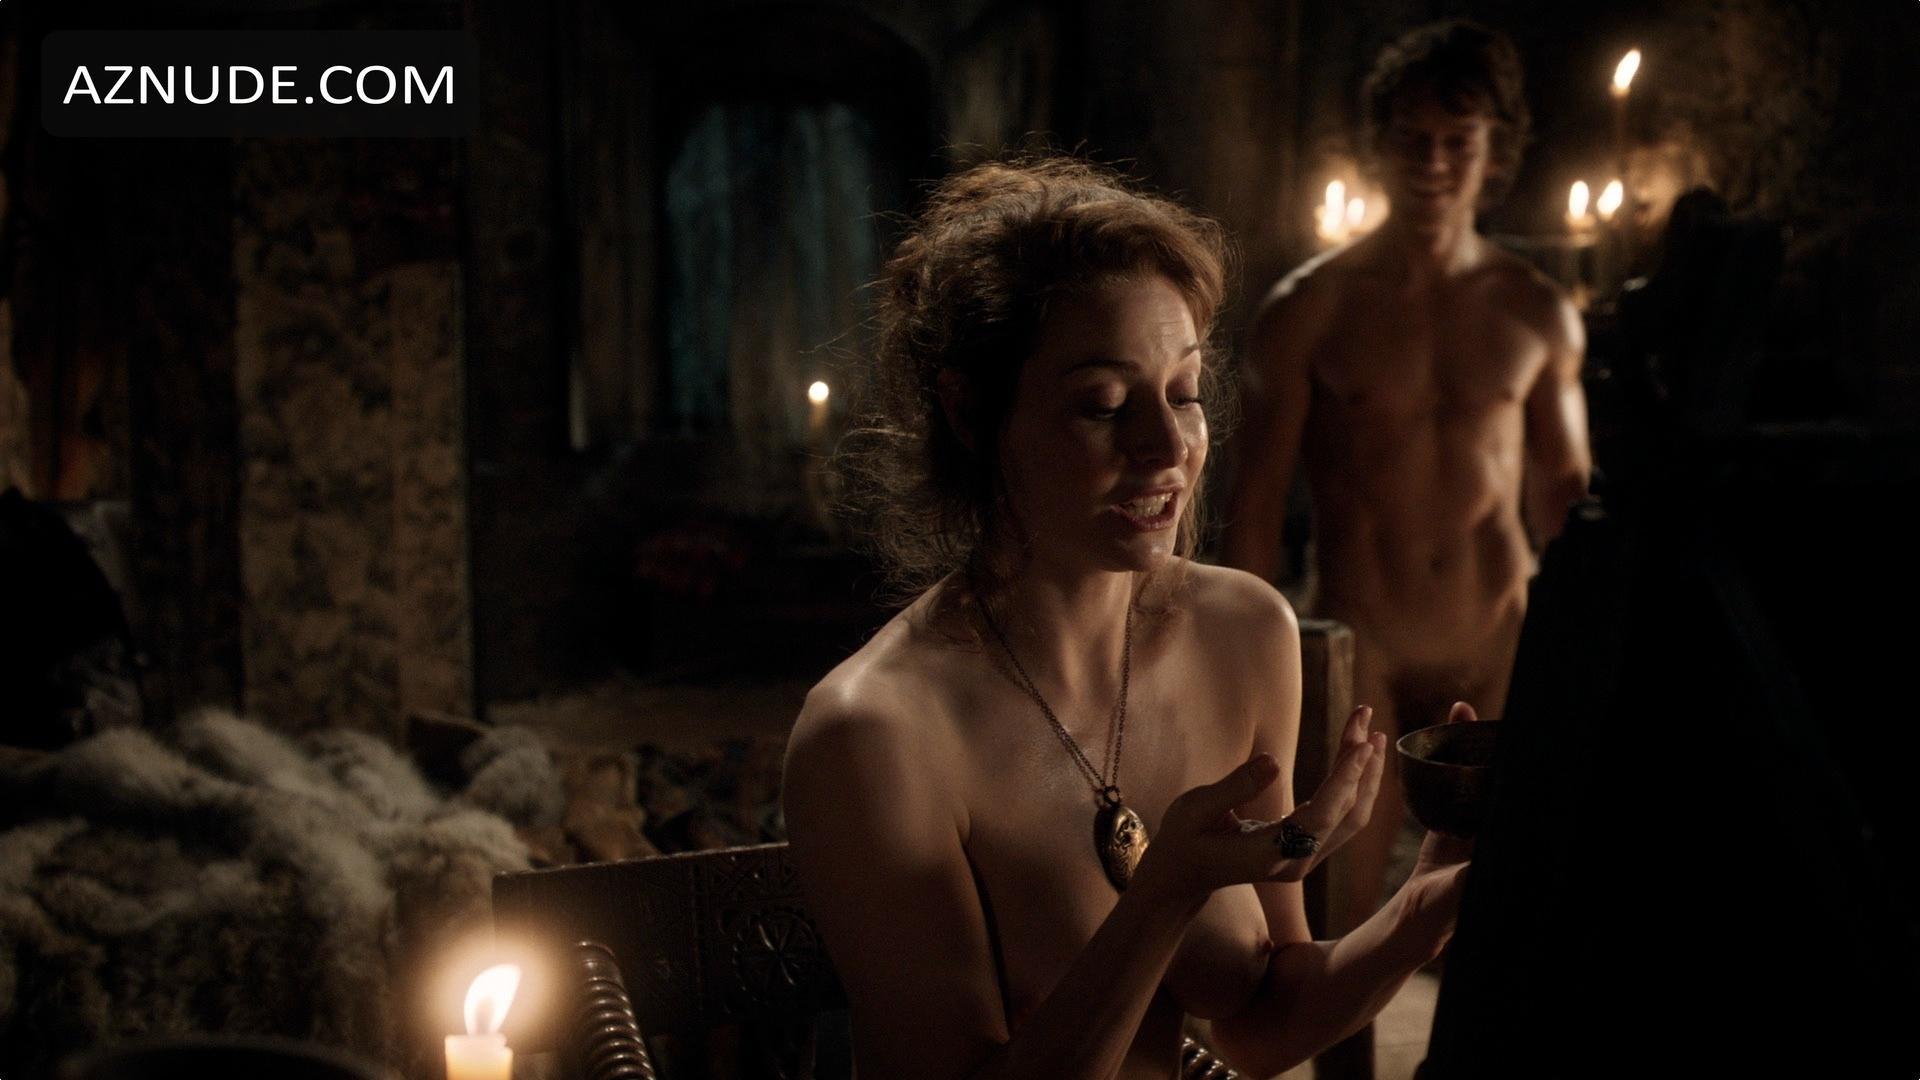 ALFIE ALLEN Nude  AZNude Men